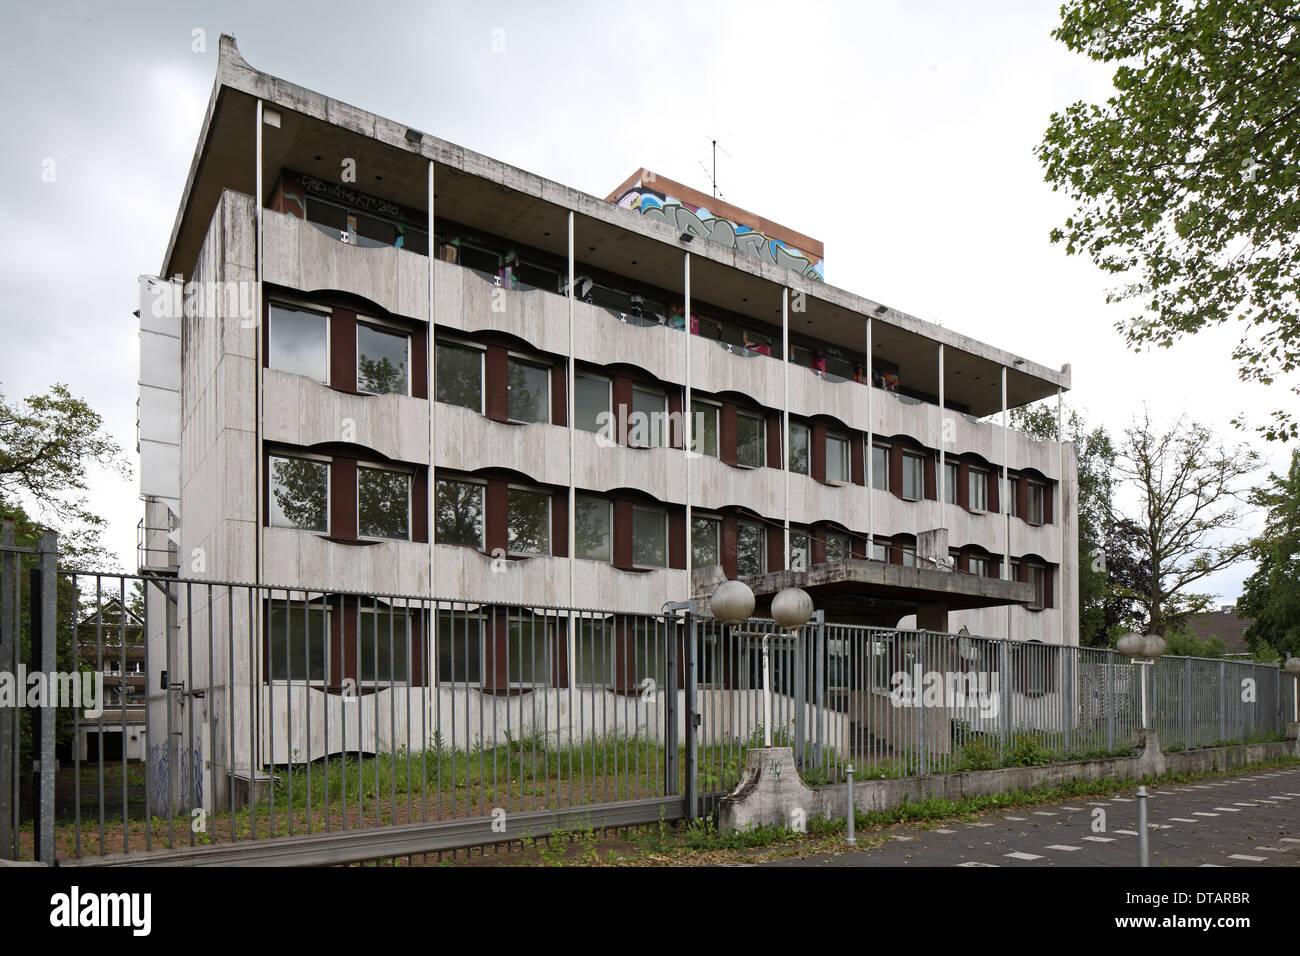 Bonn, ehemalige Botschaft von Saudi Arabien Immagini Stock